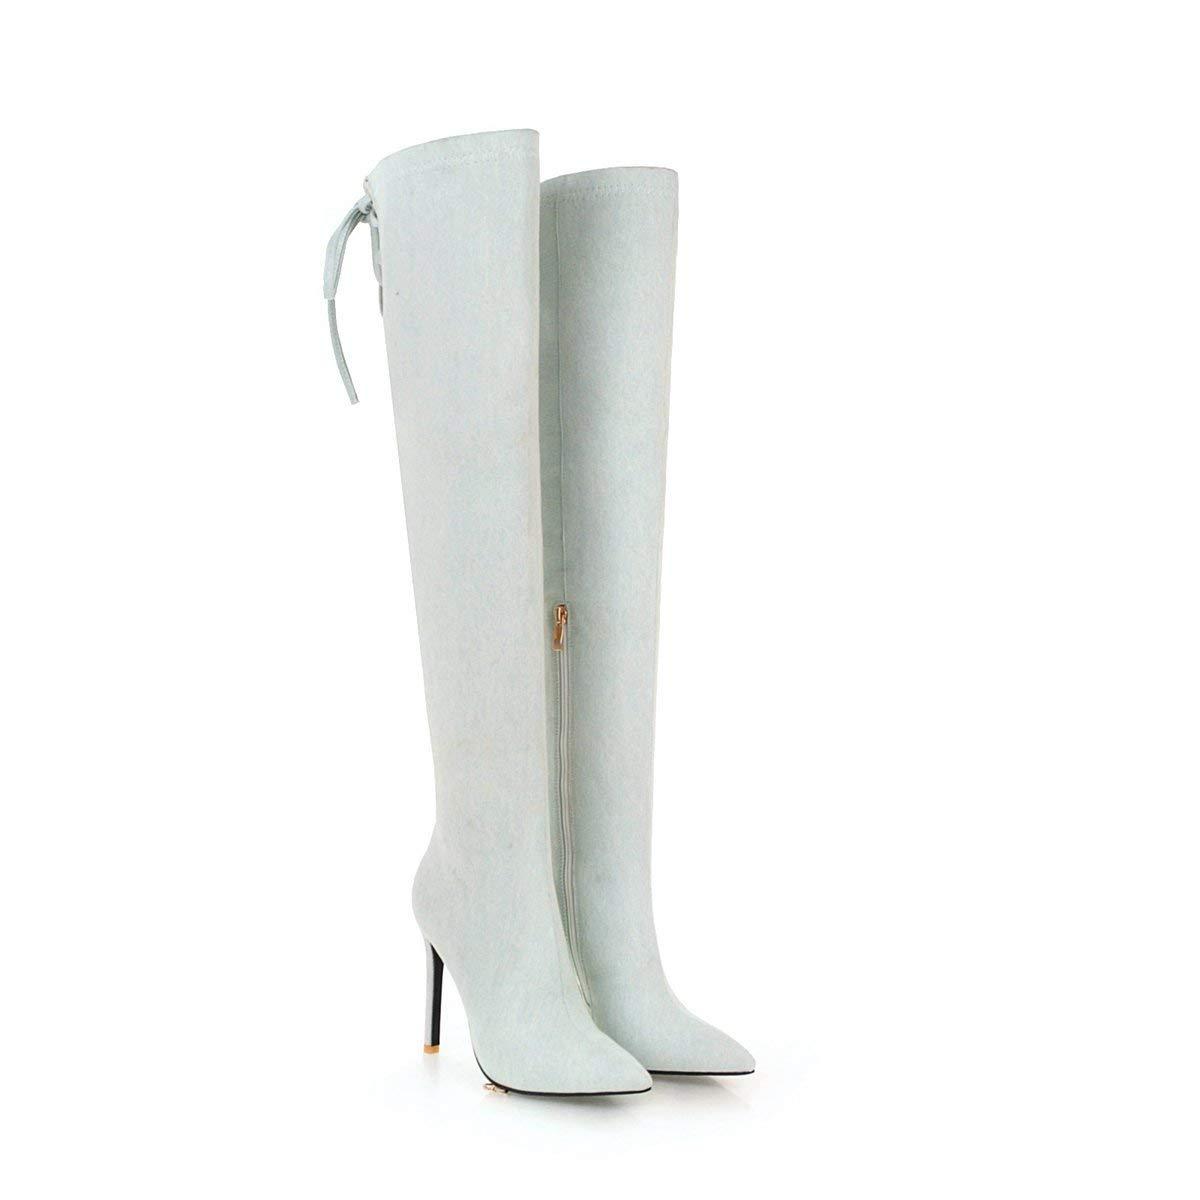 Damen Stiletto Heels Denim-Stoff hoch über dem Knie Lange Stiefel